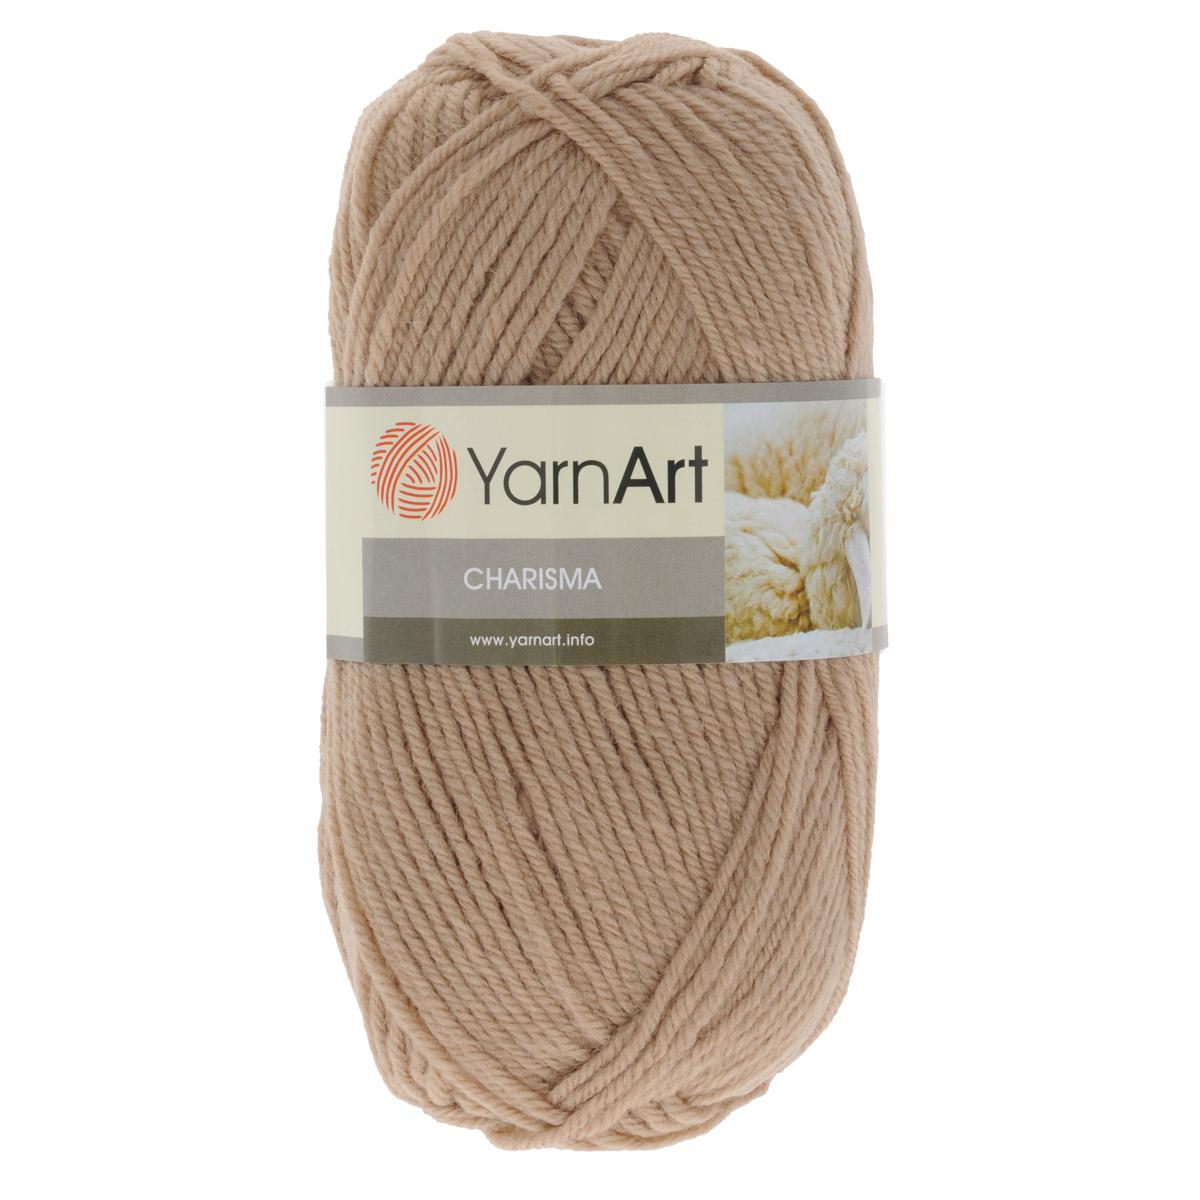 Пряжа для вязания YarnArt Charisma, цвет: бежевый (511), 200 м, 100 г, 5 шт372032_511Пряжа для вязания YarnArt Charisma изготовлена из шерсти и акрила. Эта полушерстяная классическая пряжа подходит для ручного вязания. Нить мягкая, плотной скрутки, послушная, не расслаивается, не тянется, легко распускается и не деформируется. Благодаря преобладанию шерсти в составе пряжи, изделия получаются очень теплыми, а небольшой процент акрила придает практичности, поэтому вещи из этой пряжи не деформируются после стирки и в процессе носки. Пряжа YarnArt Charisma — однотонной окраски с небольшим матовым эффектом. Ей можно оригинально декорировать вязаные из другой пряжи изделия. Пряжа окрашена стойкими качественными красителями, не линяет. Рекомендуются спицы 4 мм, крючок 5 мм. Состав: 80% шерсть, 20% акрил.